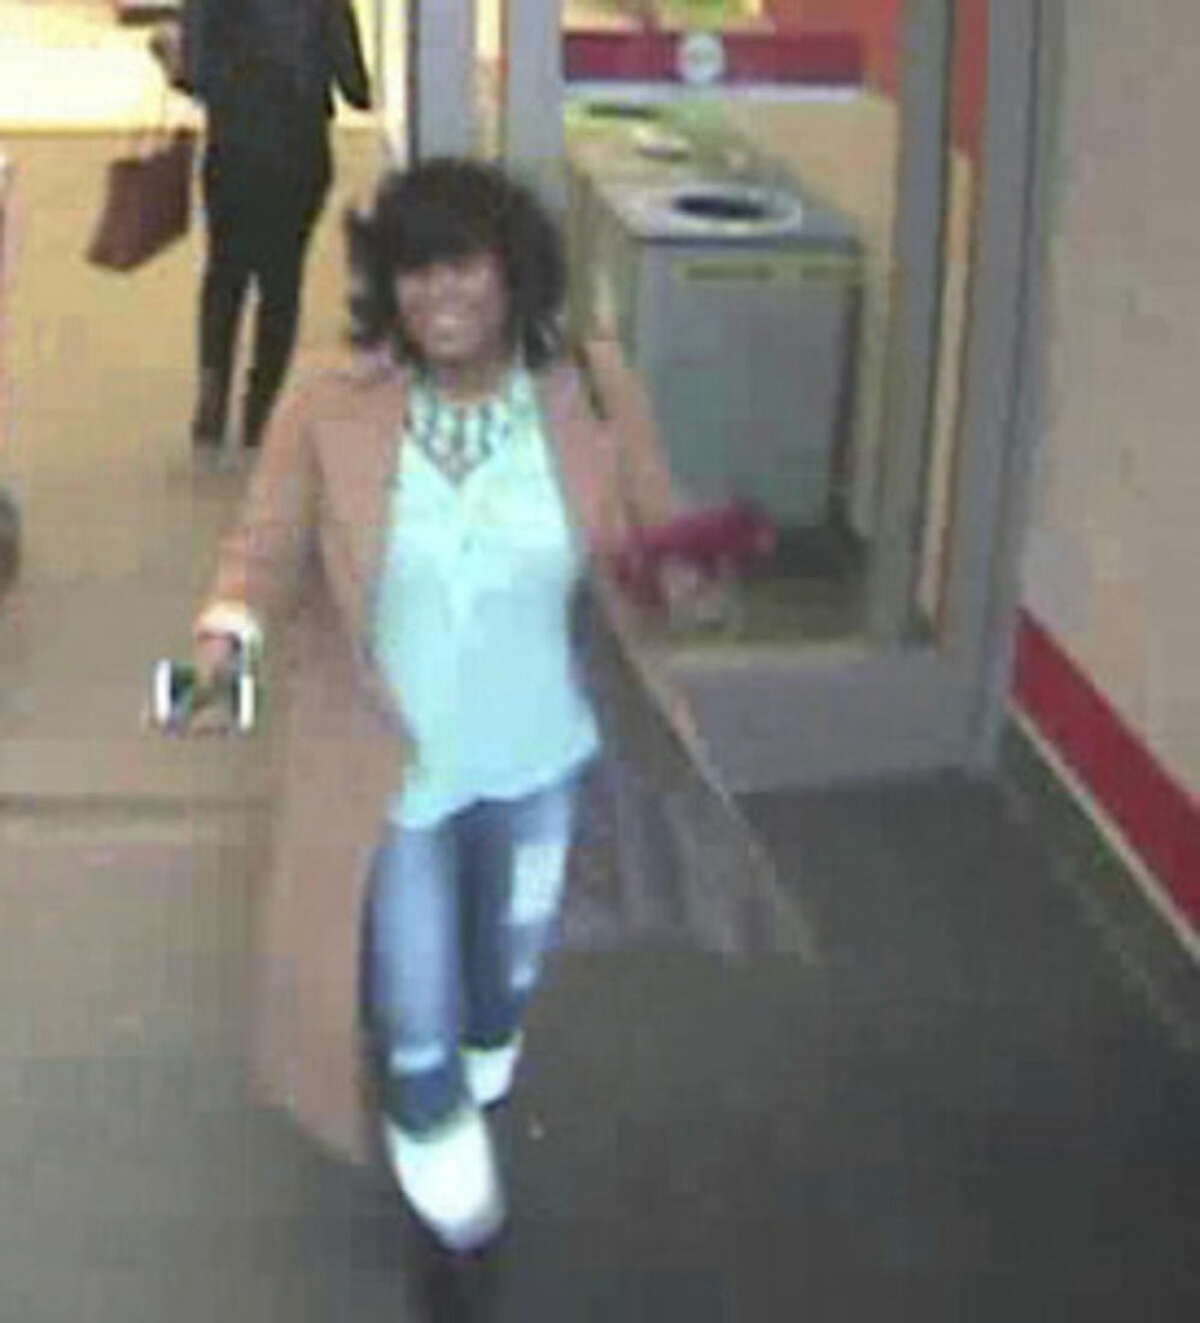 Police seek suspect who allegedly stole wallet from elderly woman in Walmart.